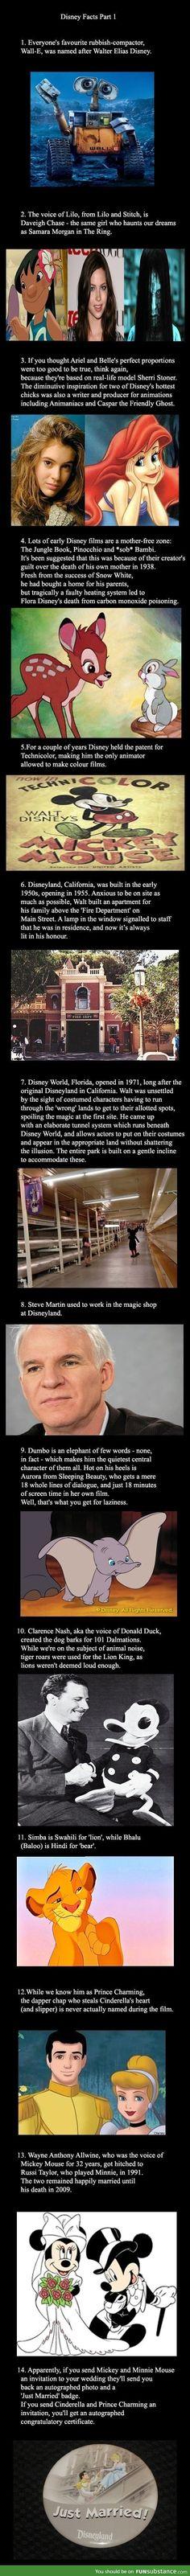 Disney fact comp - FunSubstance.com